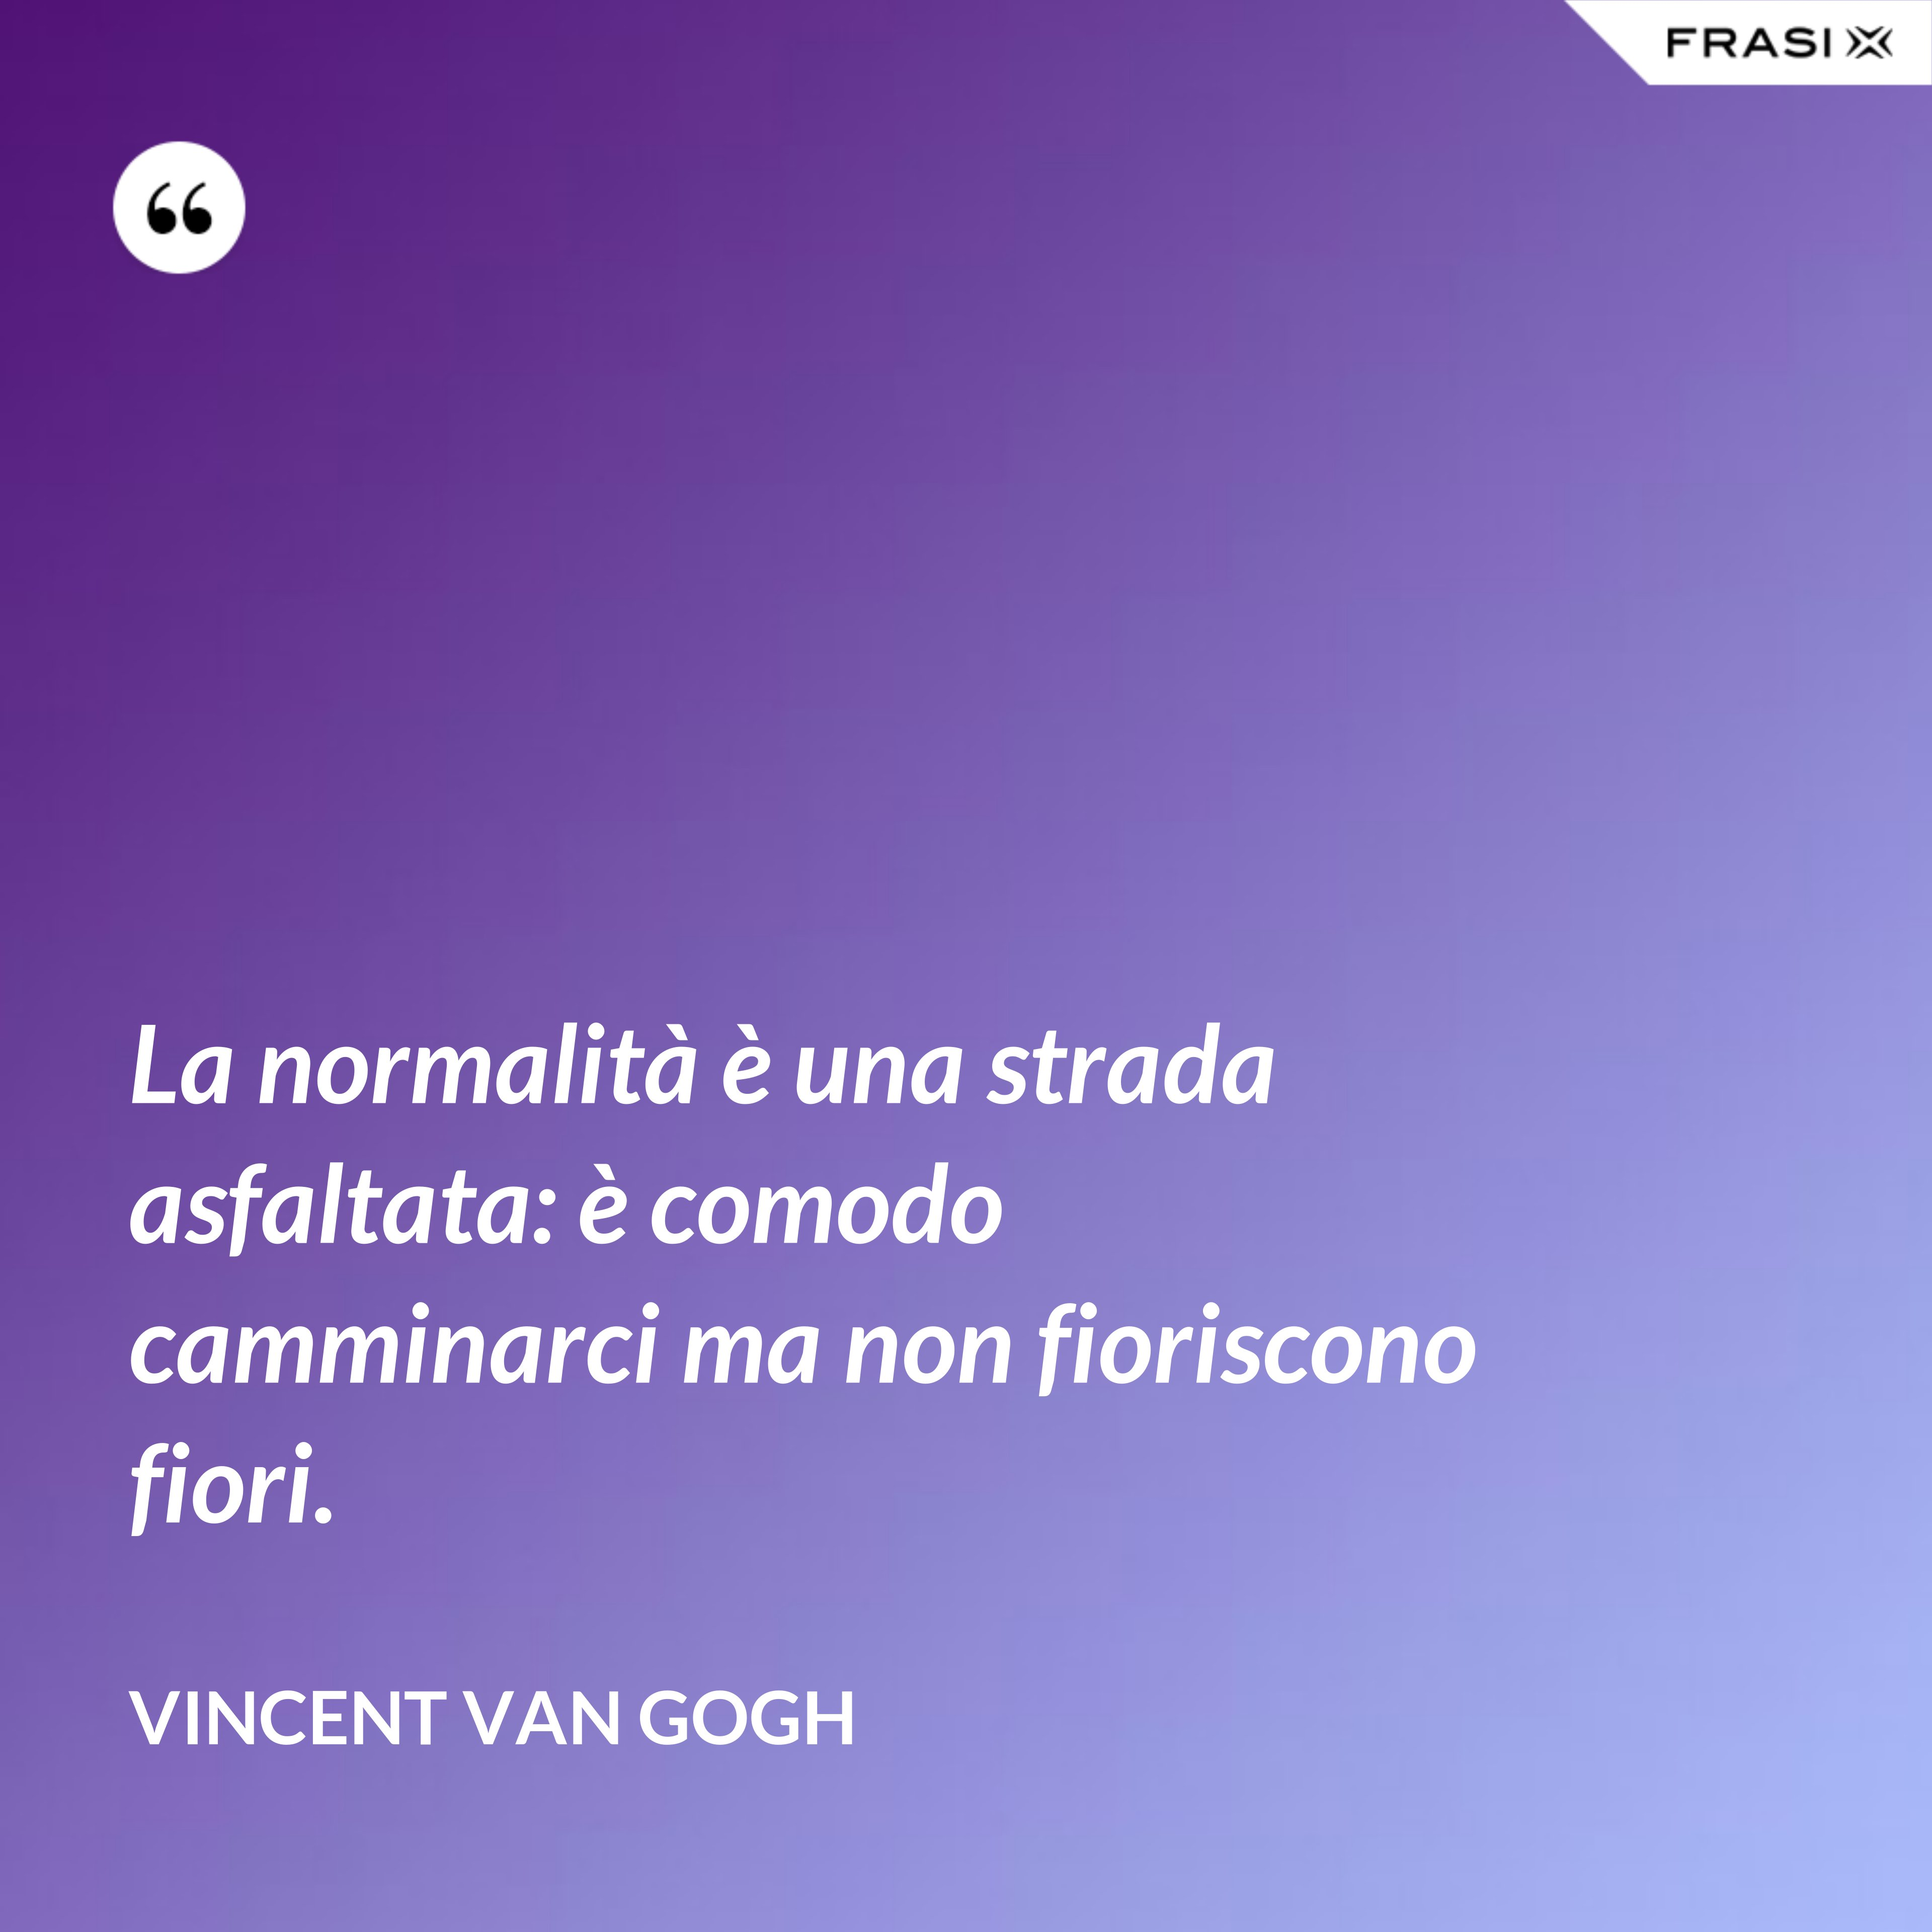 La normalità è una strada asfaltata: è comodo camminarci ma non fioriscono fiori. - Vincent Van Gogh